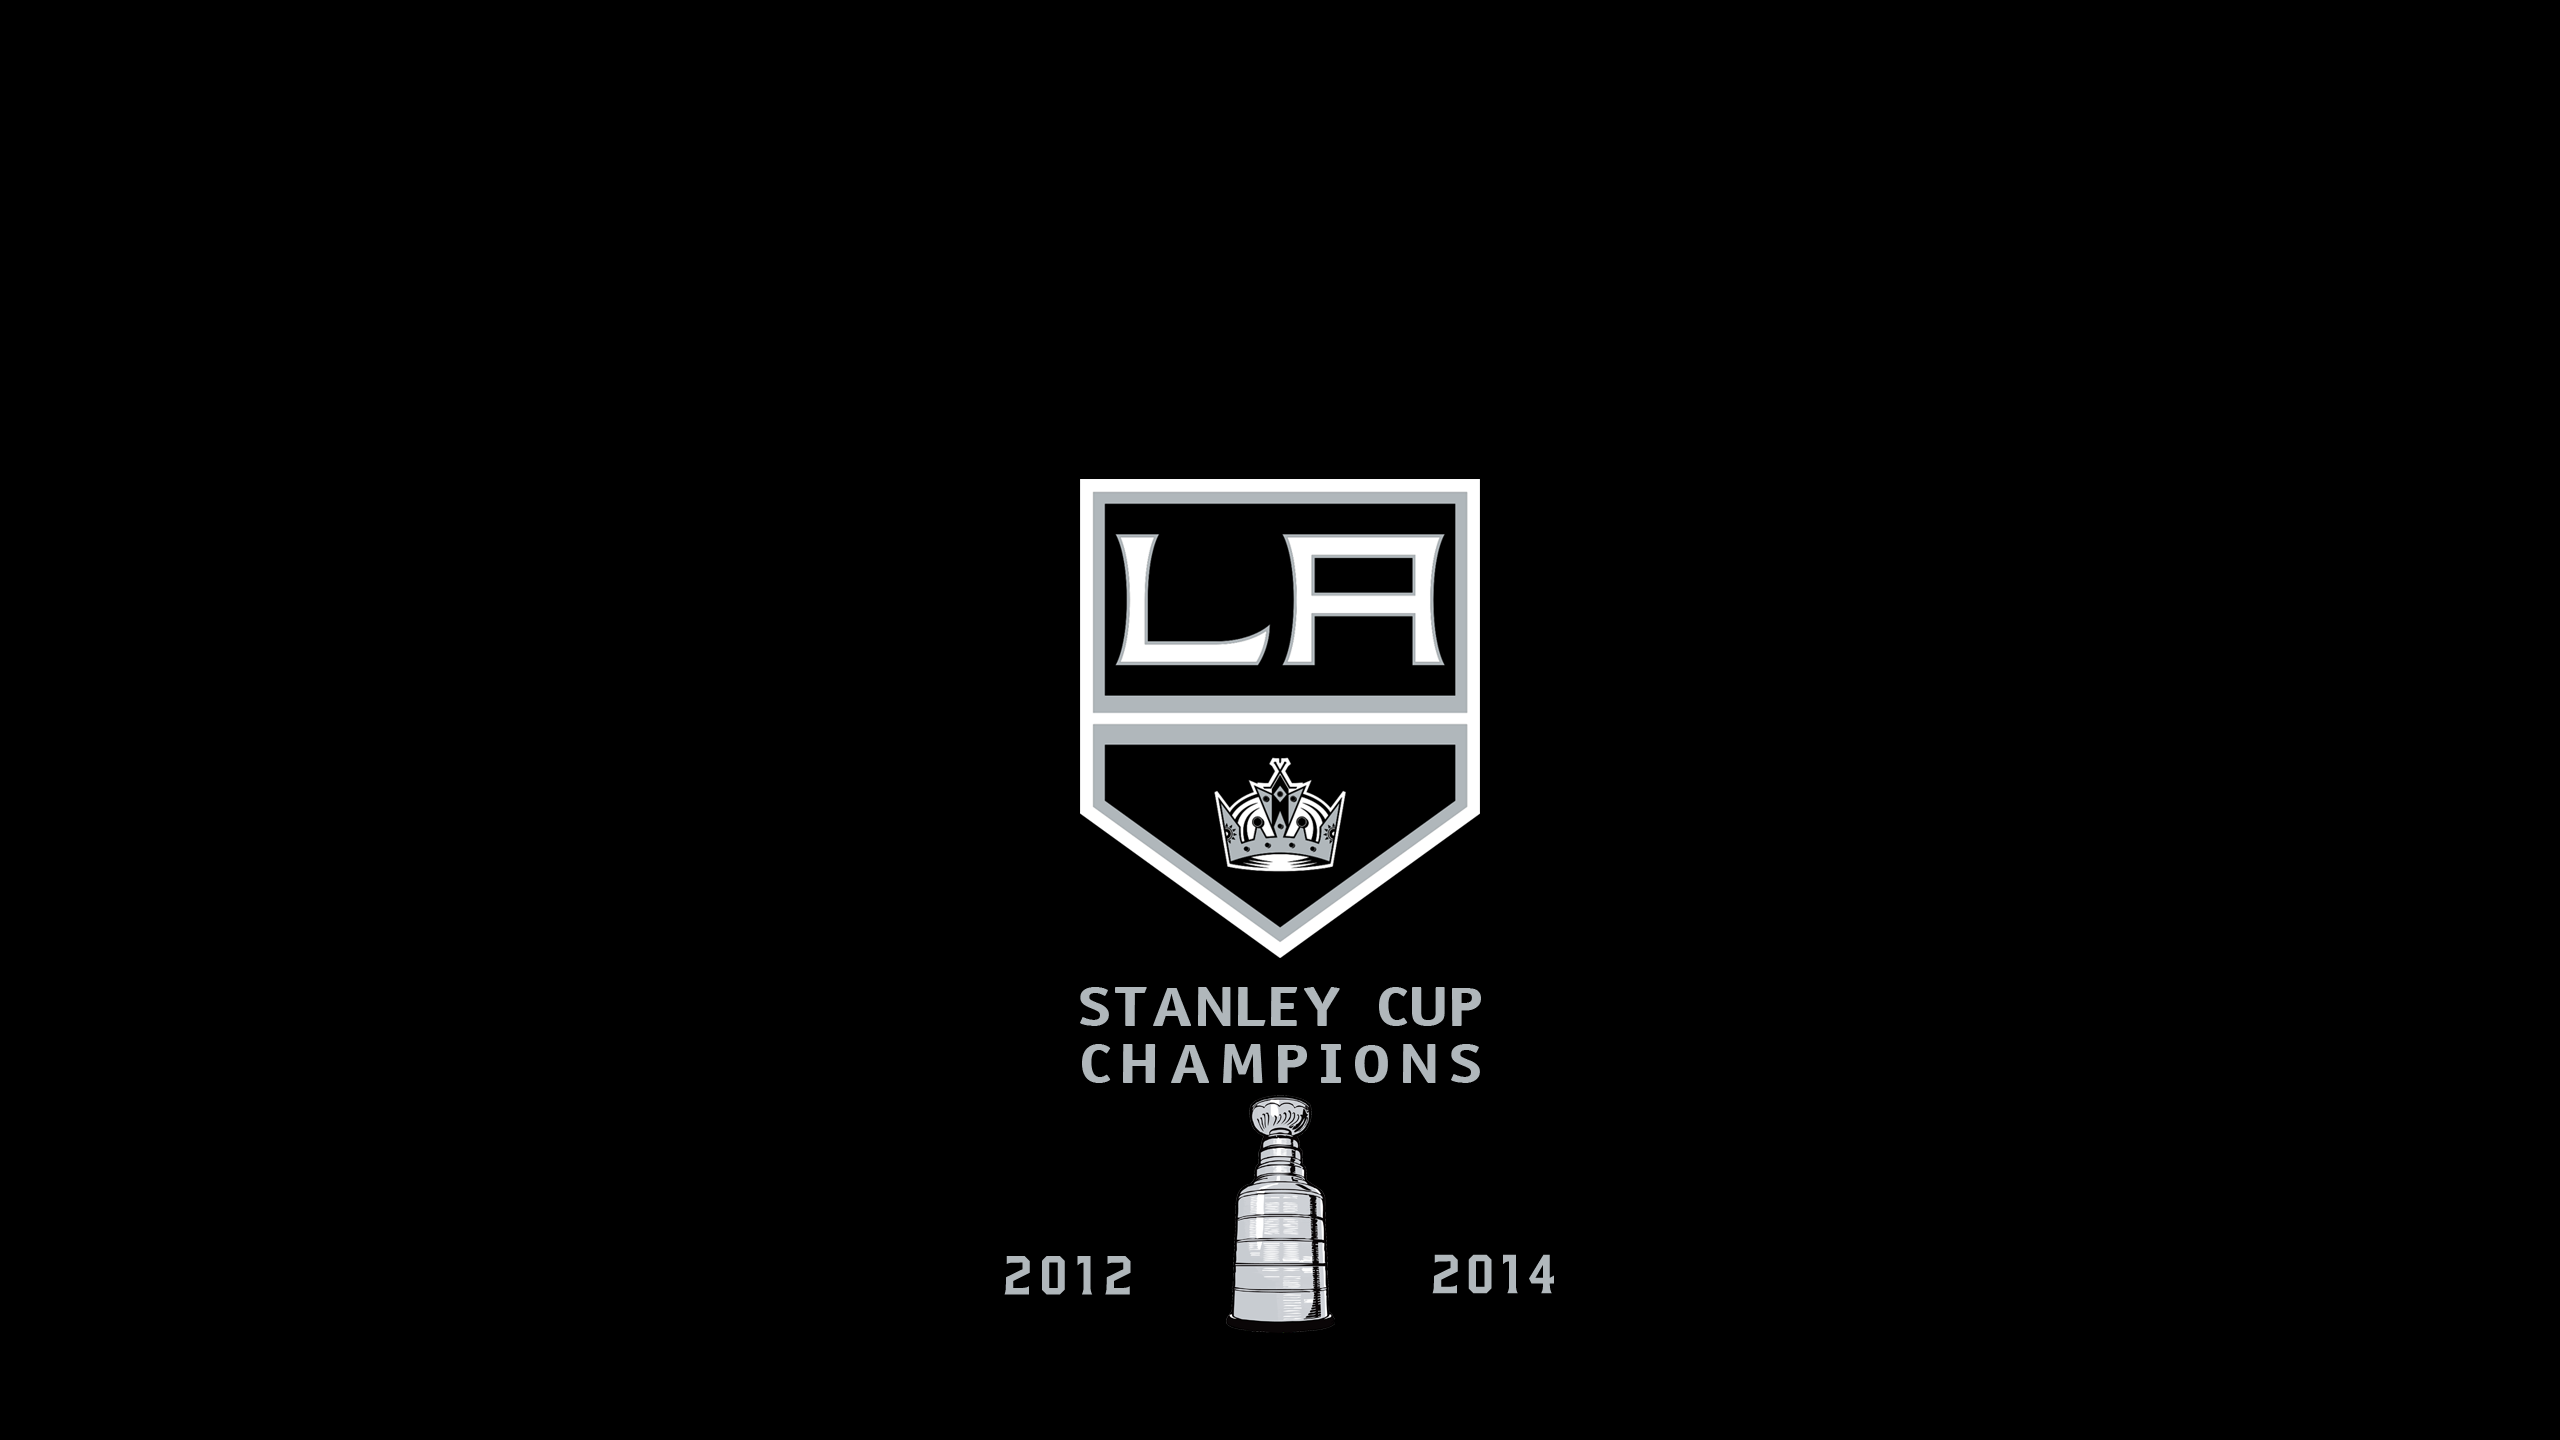 Los Angeles Kings - Stanley Cup